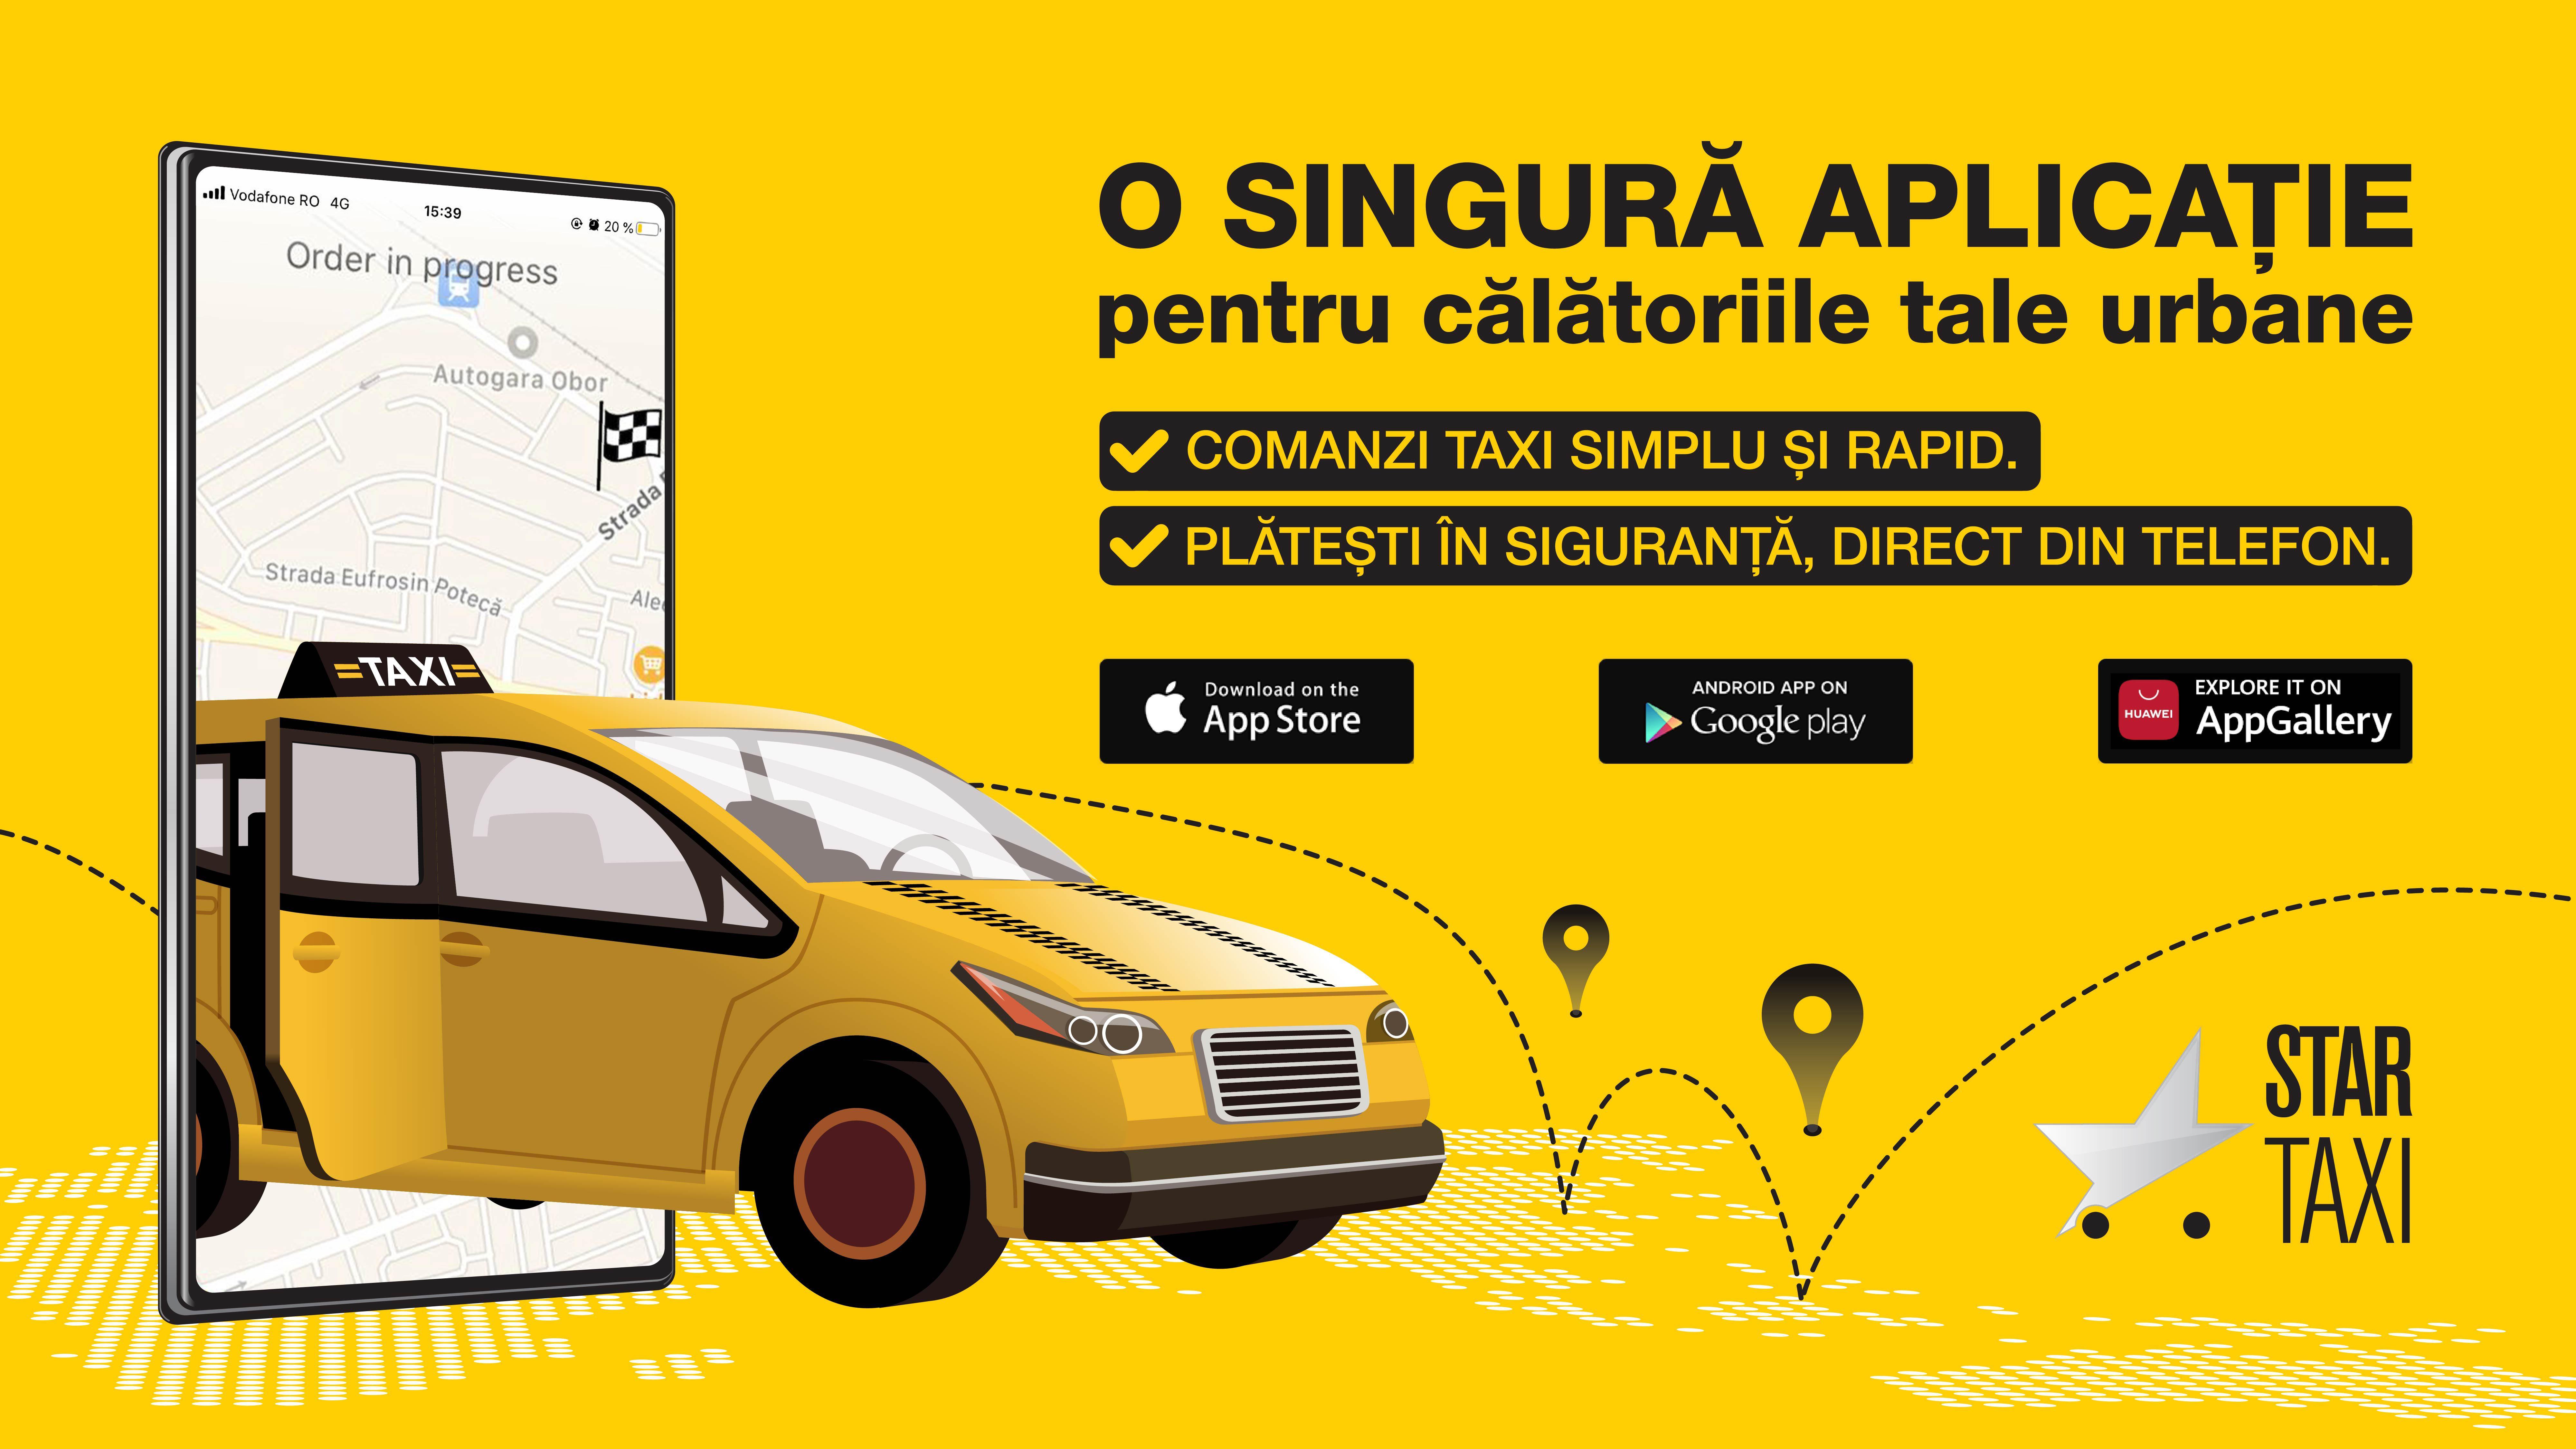 Star Taxi - pe podiumul preferintelor romanilor (1)